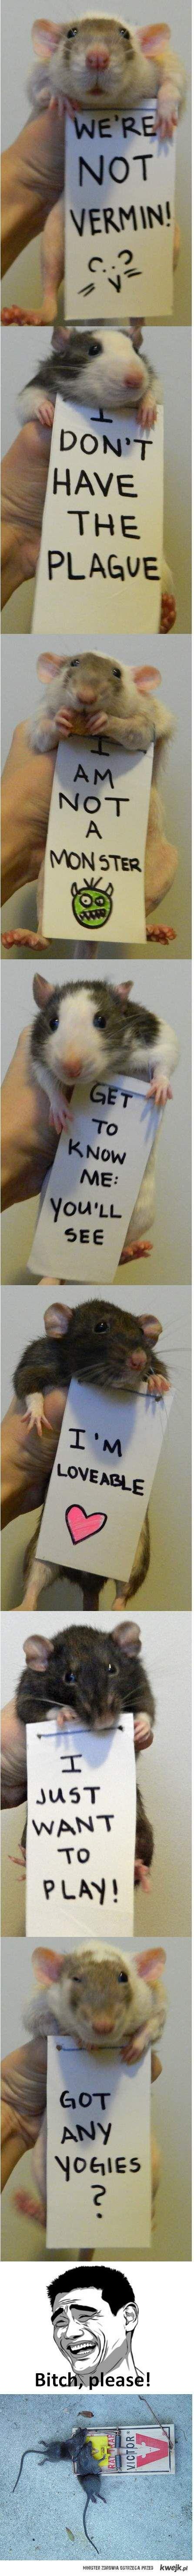 Szczury, Bitch, please